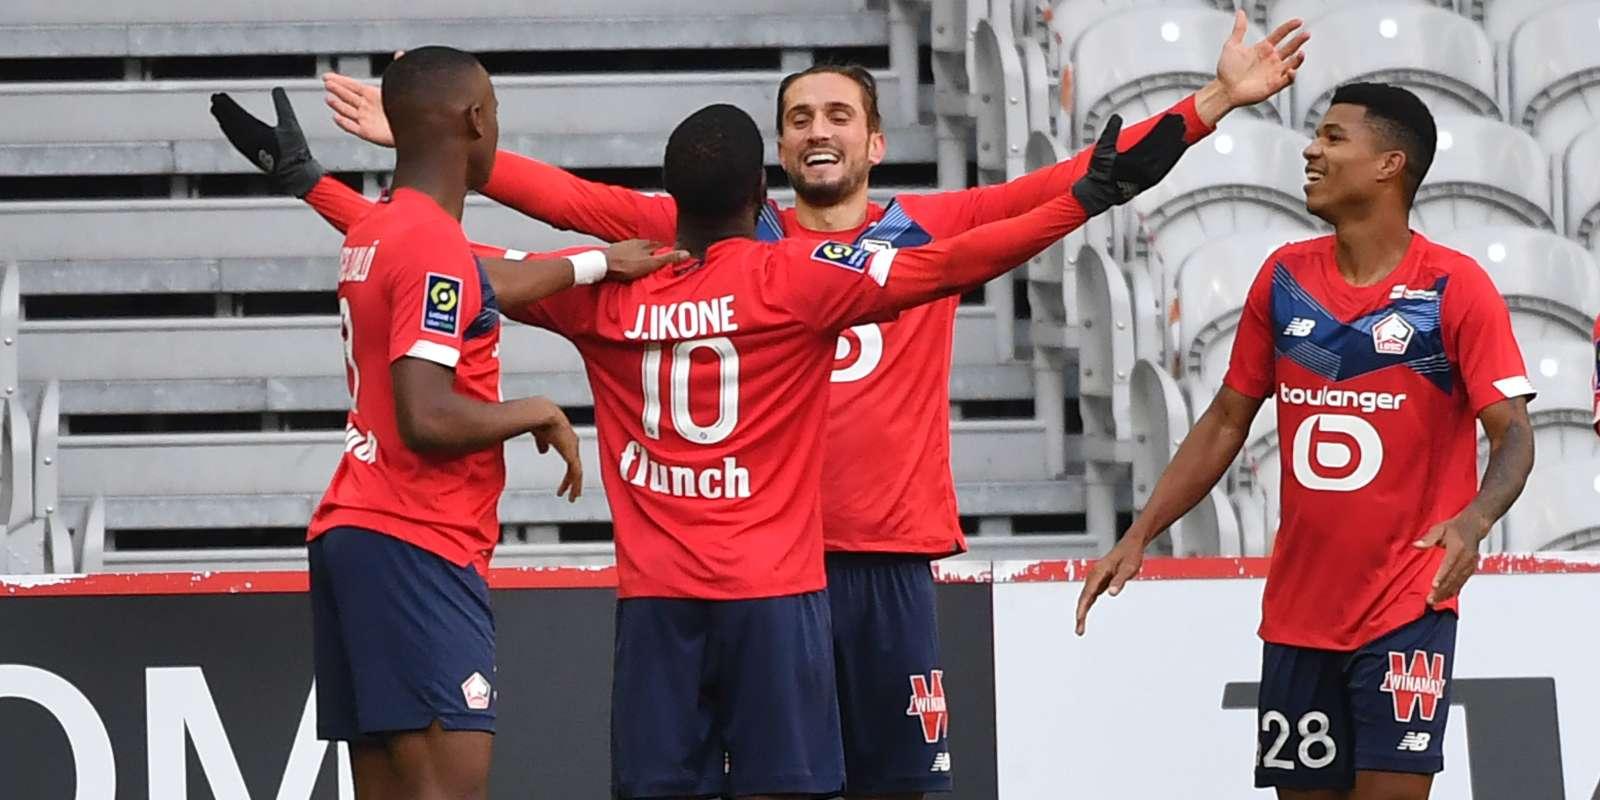 Lille s'empare de la deuxième place du championnat devant Marseille et juste derrière le PSG.